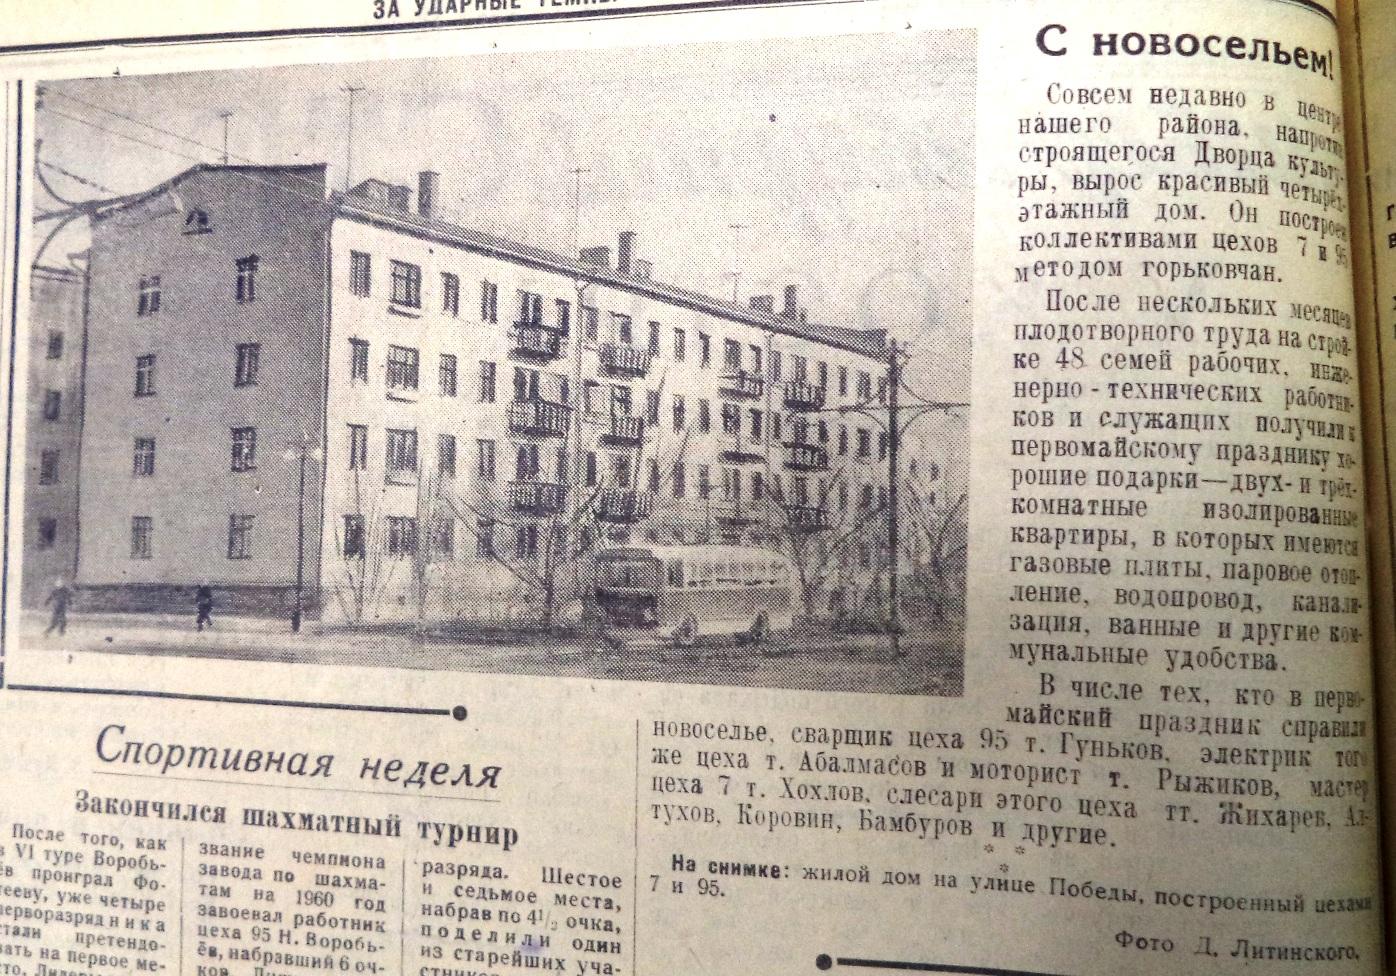 Kakhovskaya-FOTO-00-Za_udarnye_tempy-1960-30_aprelya